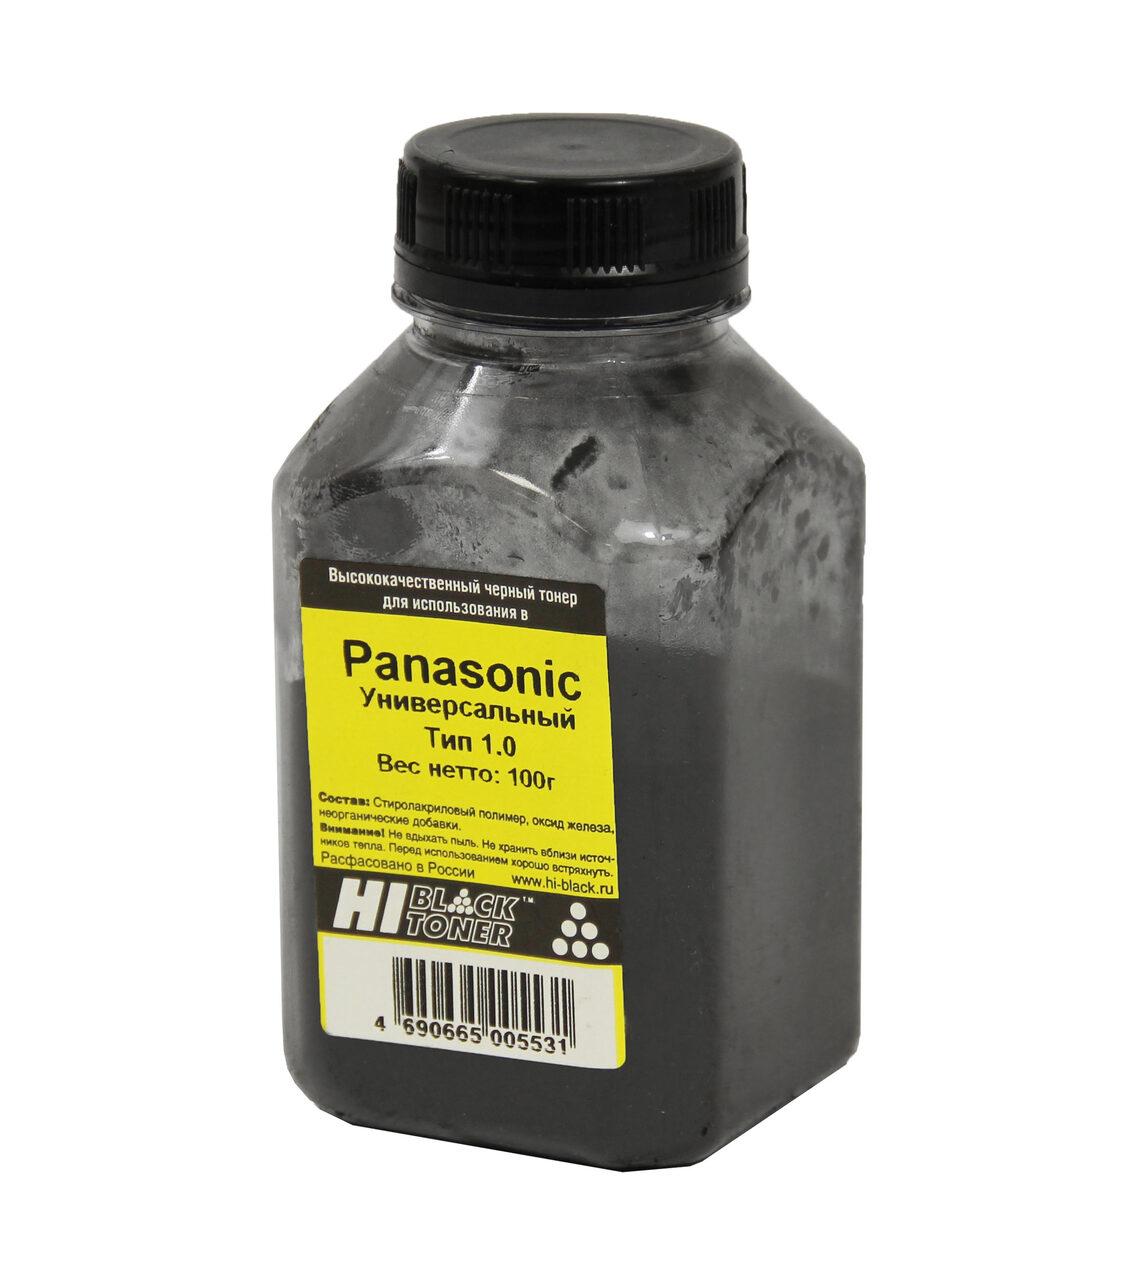 Тонер Hi-Black Универсальный для PanasonicKX-FL503/MB1500, Тип 1.0, Bk, 100 г, банка